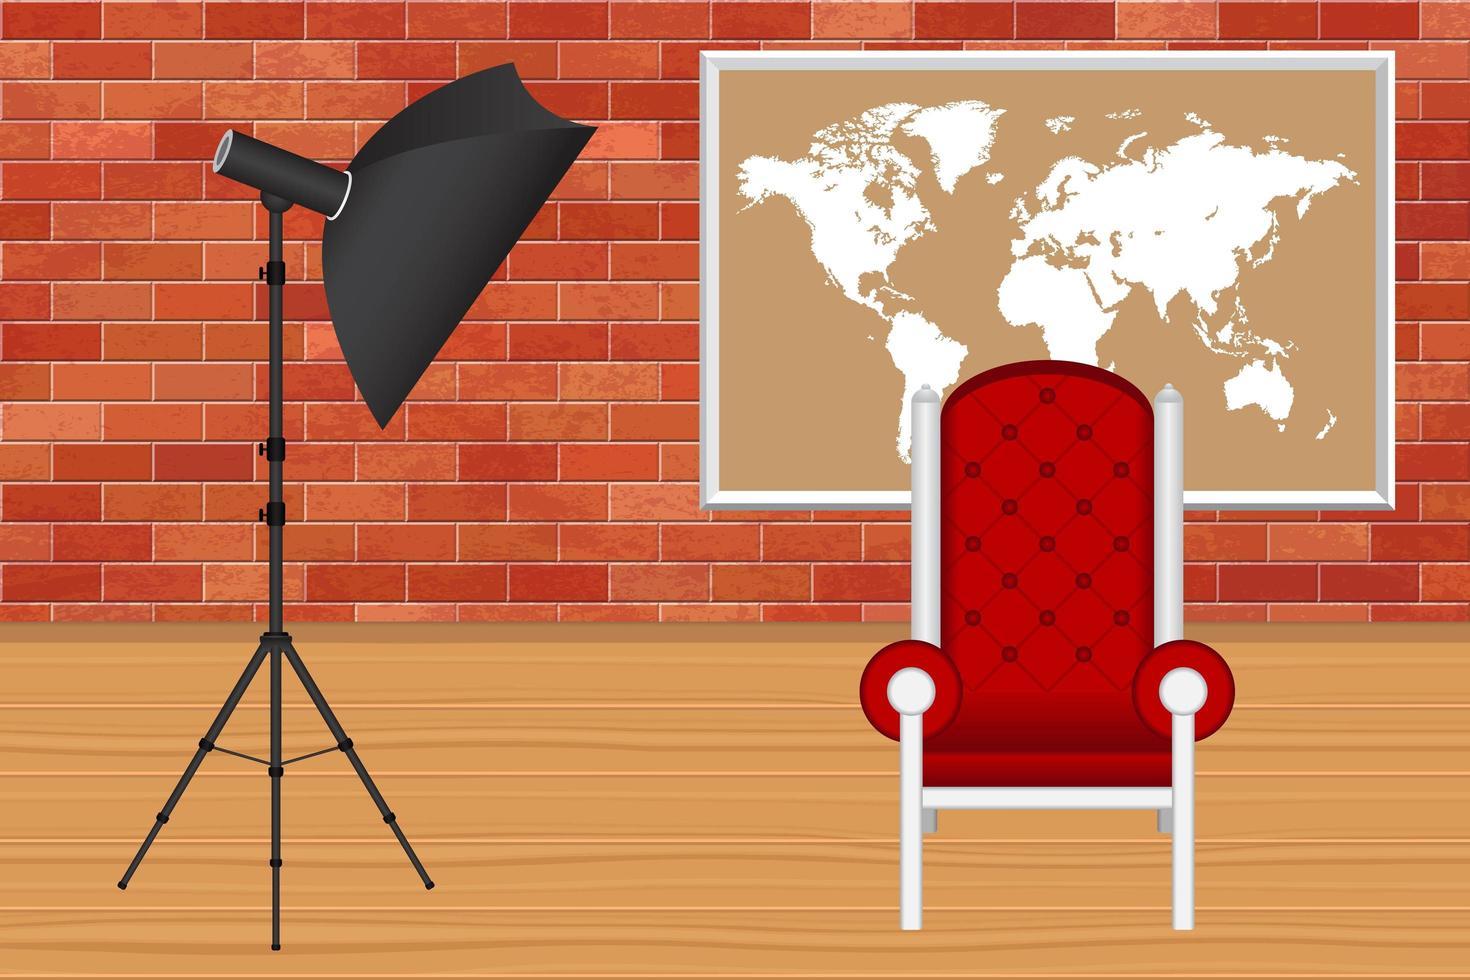 fotostudio med fotograferingsparaply och röd stol vektor